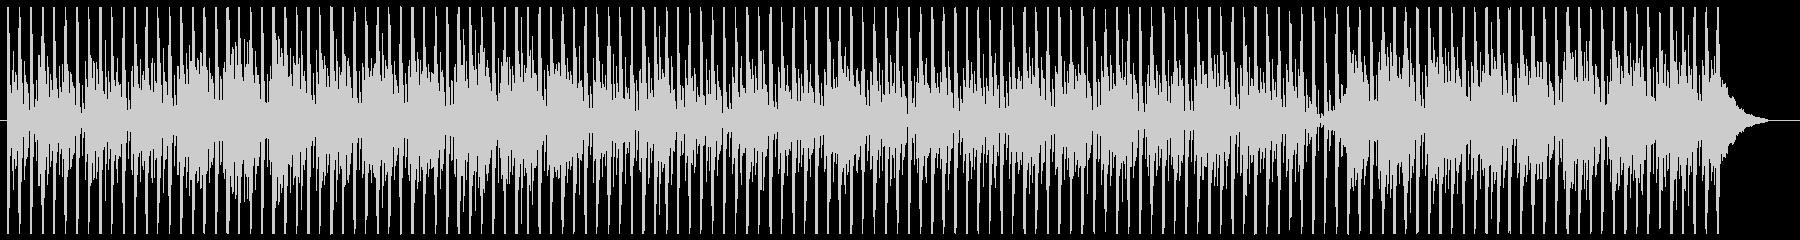 シンプルなテクノ4の未再生の波形